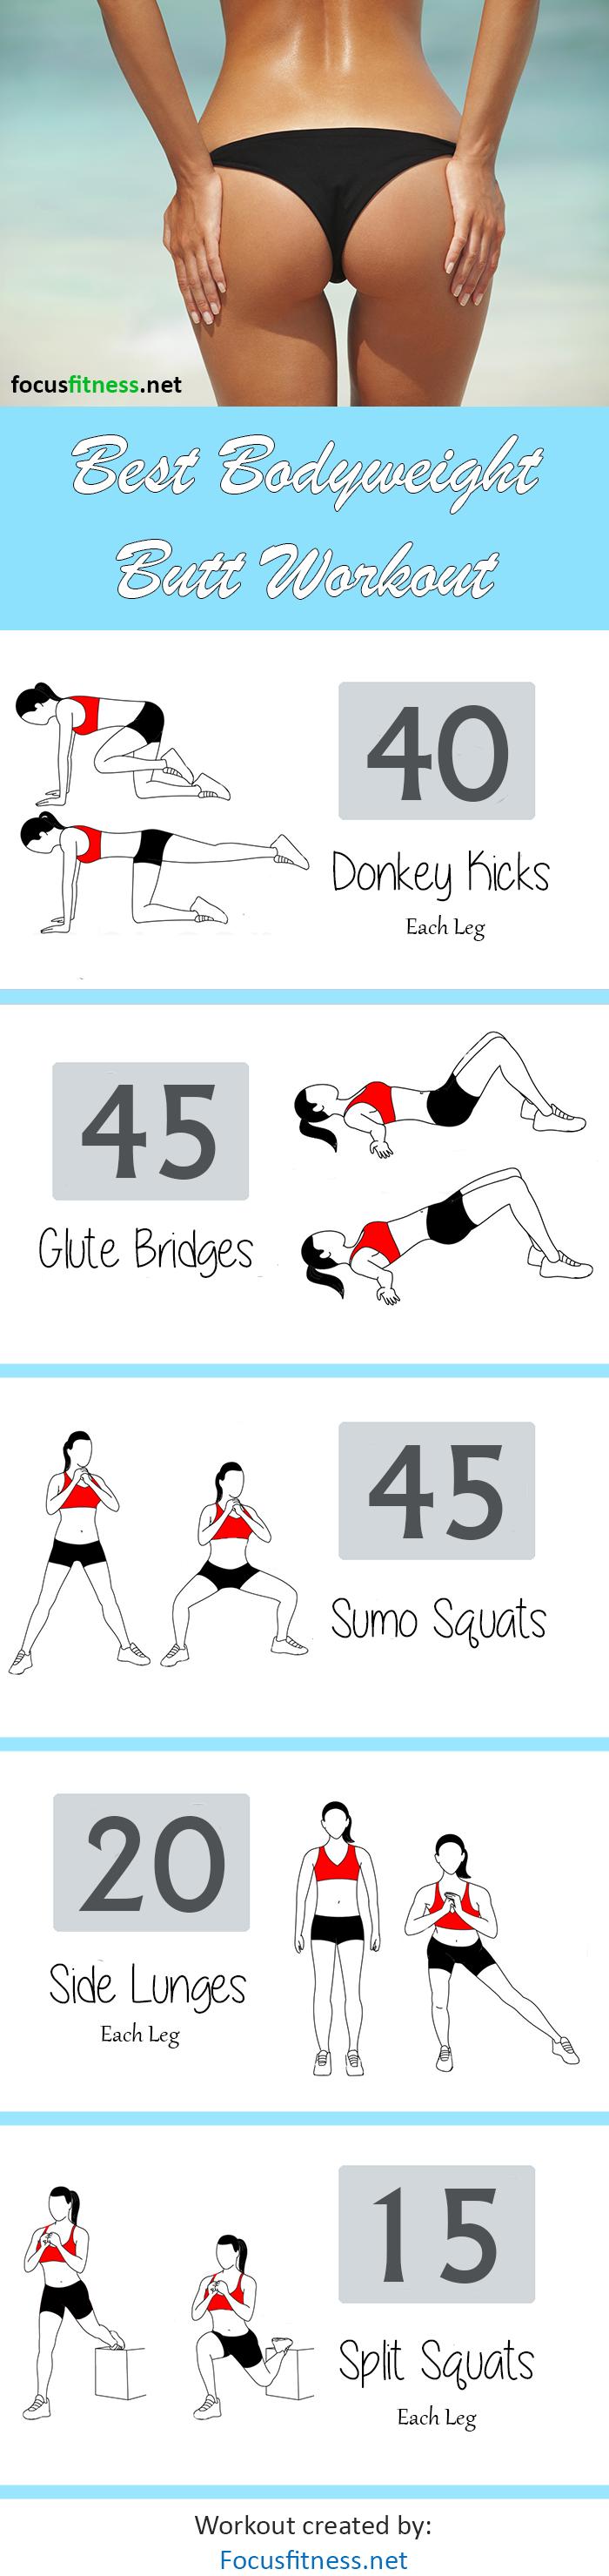 best bodyweight butt workout